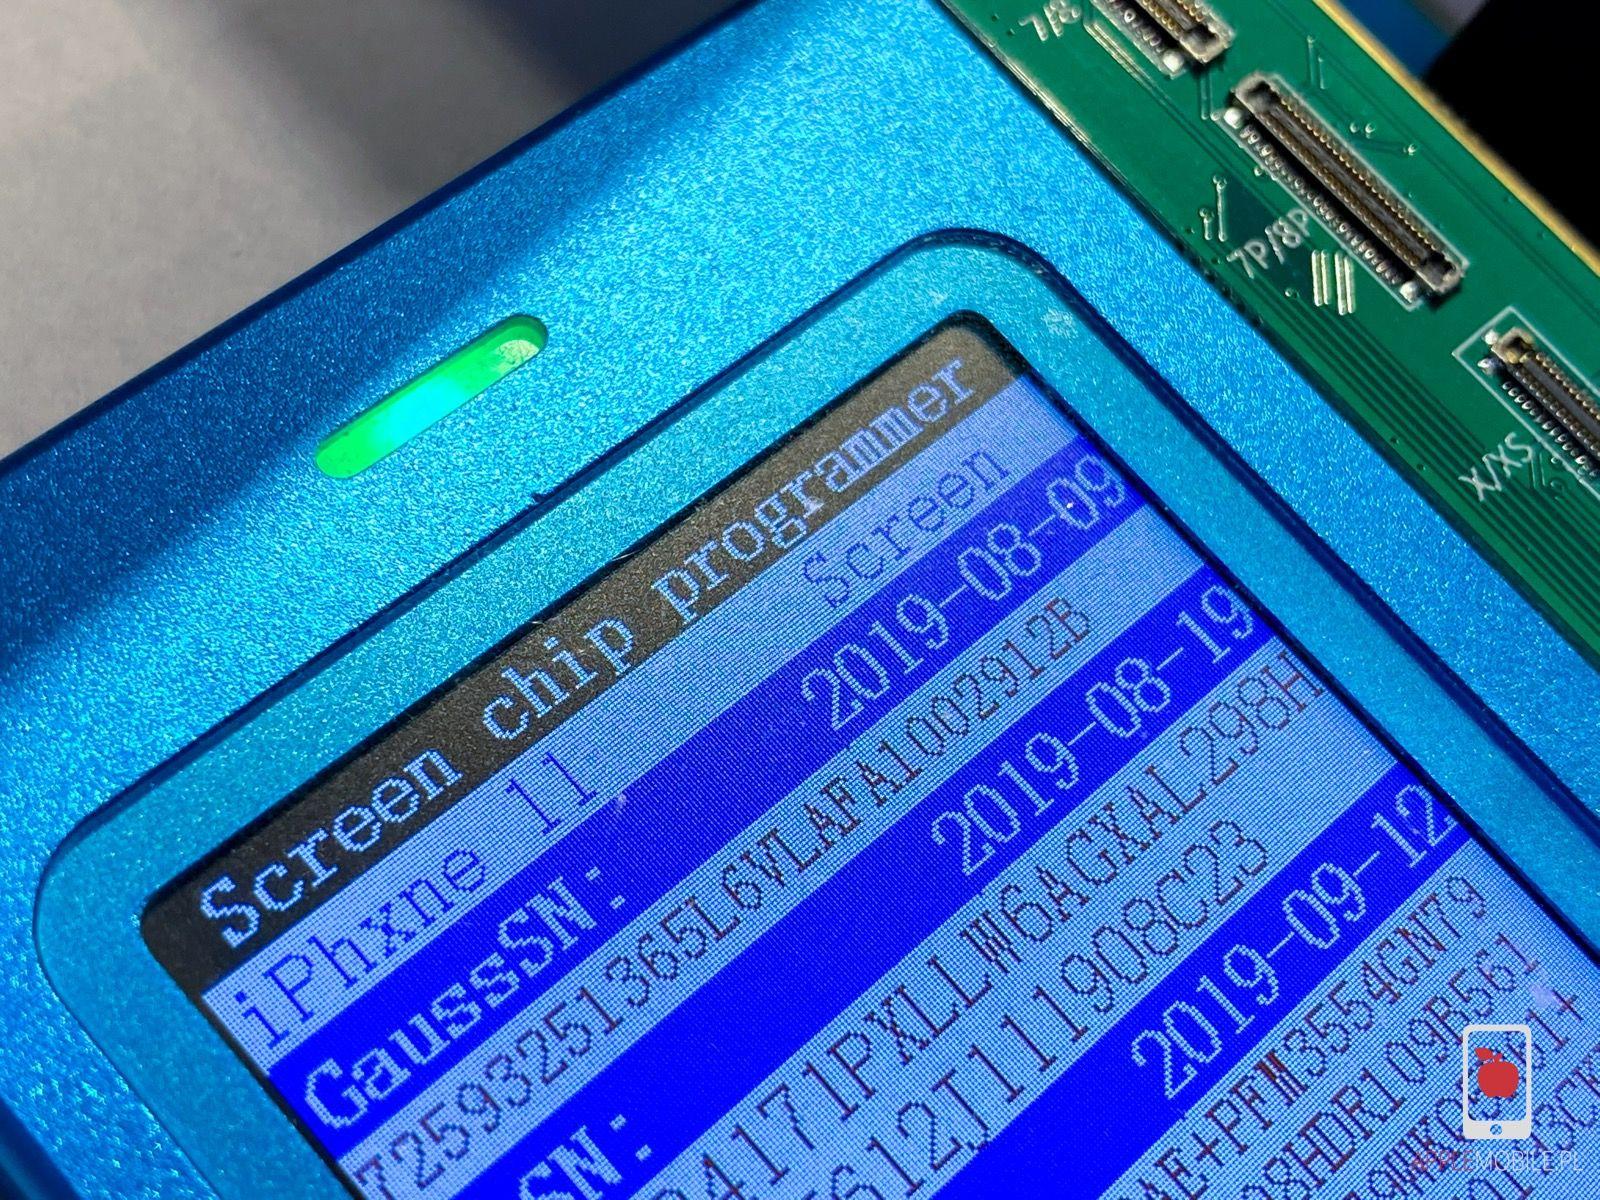 Serwis APPLEMOBILE.PL programuje i kalibruje każdy oryginalny wyświetlacz instalowany w serwisie.